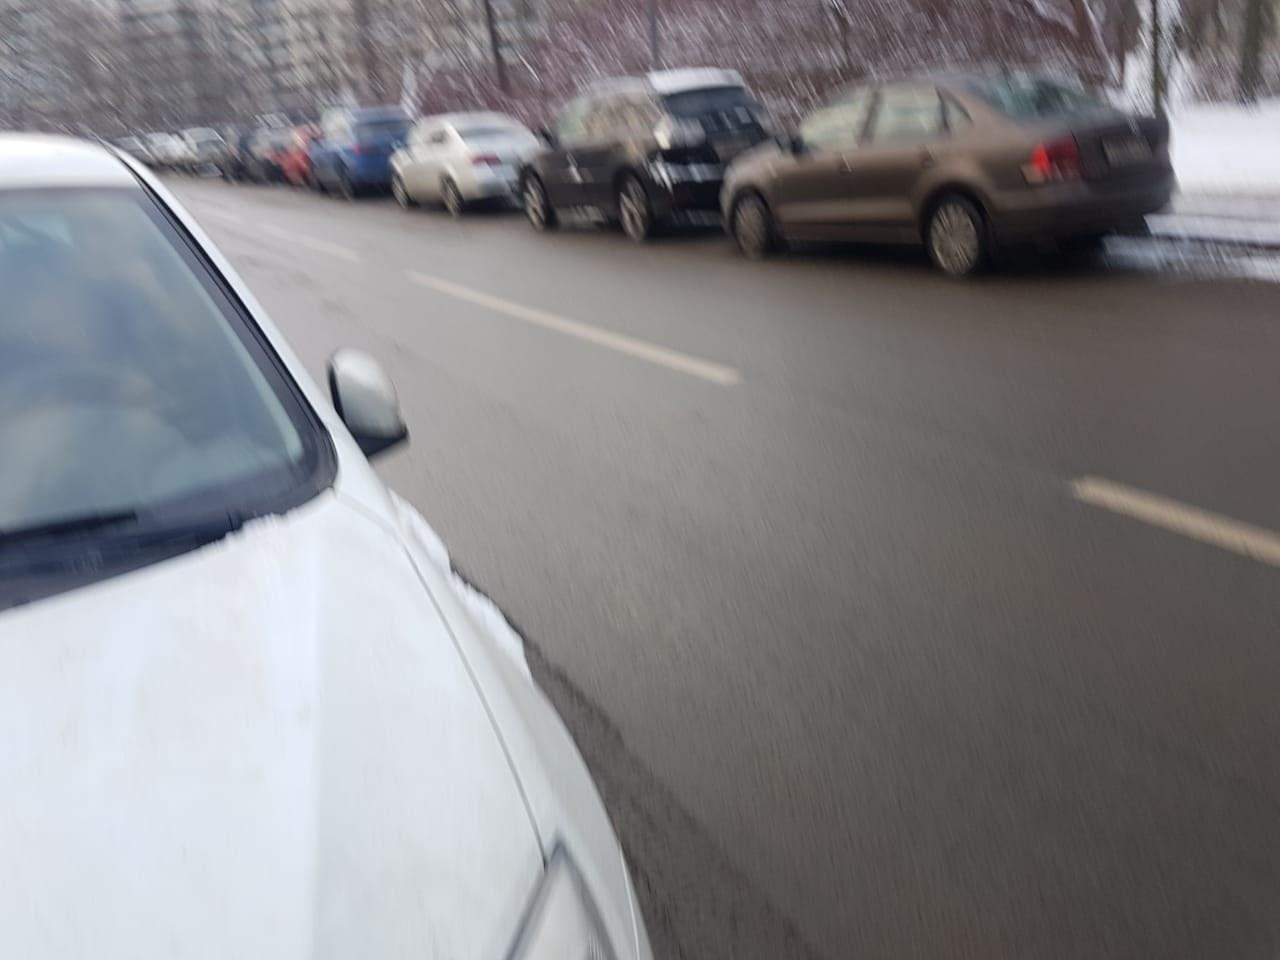 Сегодня в 9:30-10:30 на Вязовой улице,напротив дома #4. Пострадало несколько машин ,разбиты боковые ...